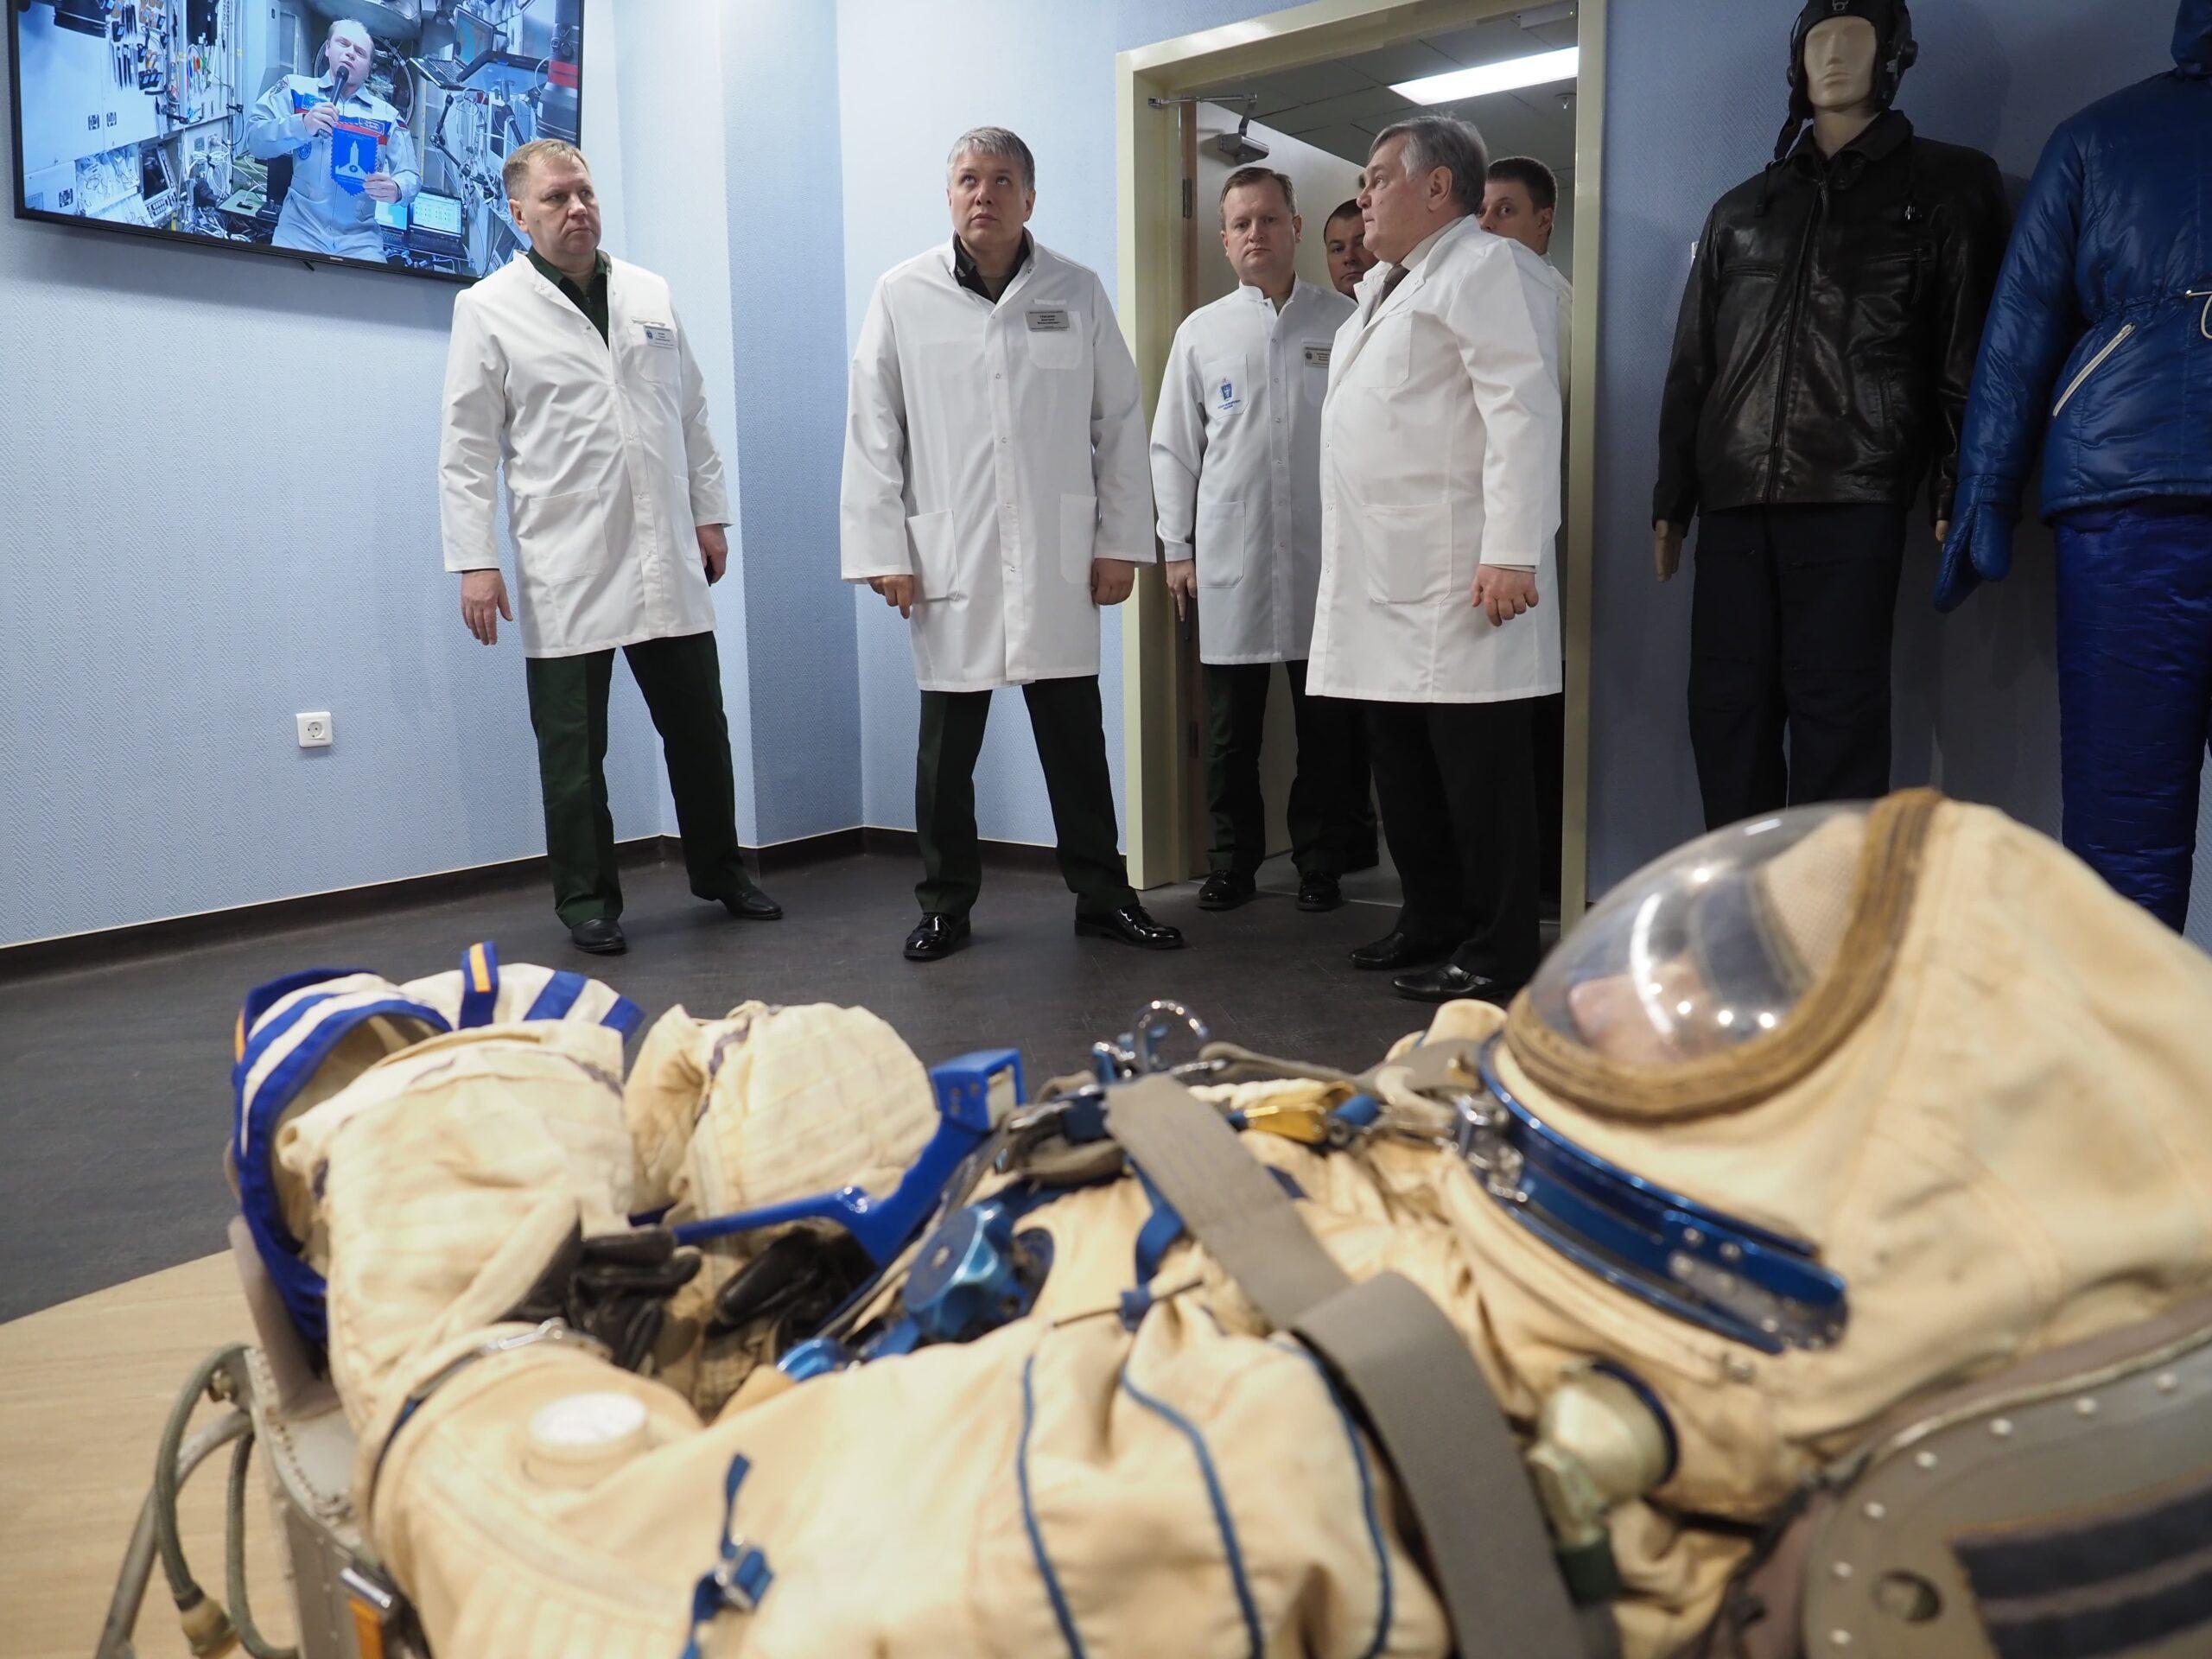 Начальник Главного военно-медицинского управления проинспектировал работы по реконструкции здания кафедры и клиники нервных болезней